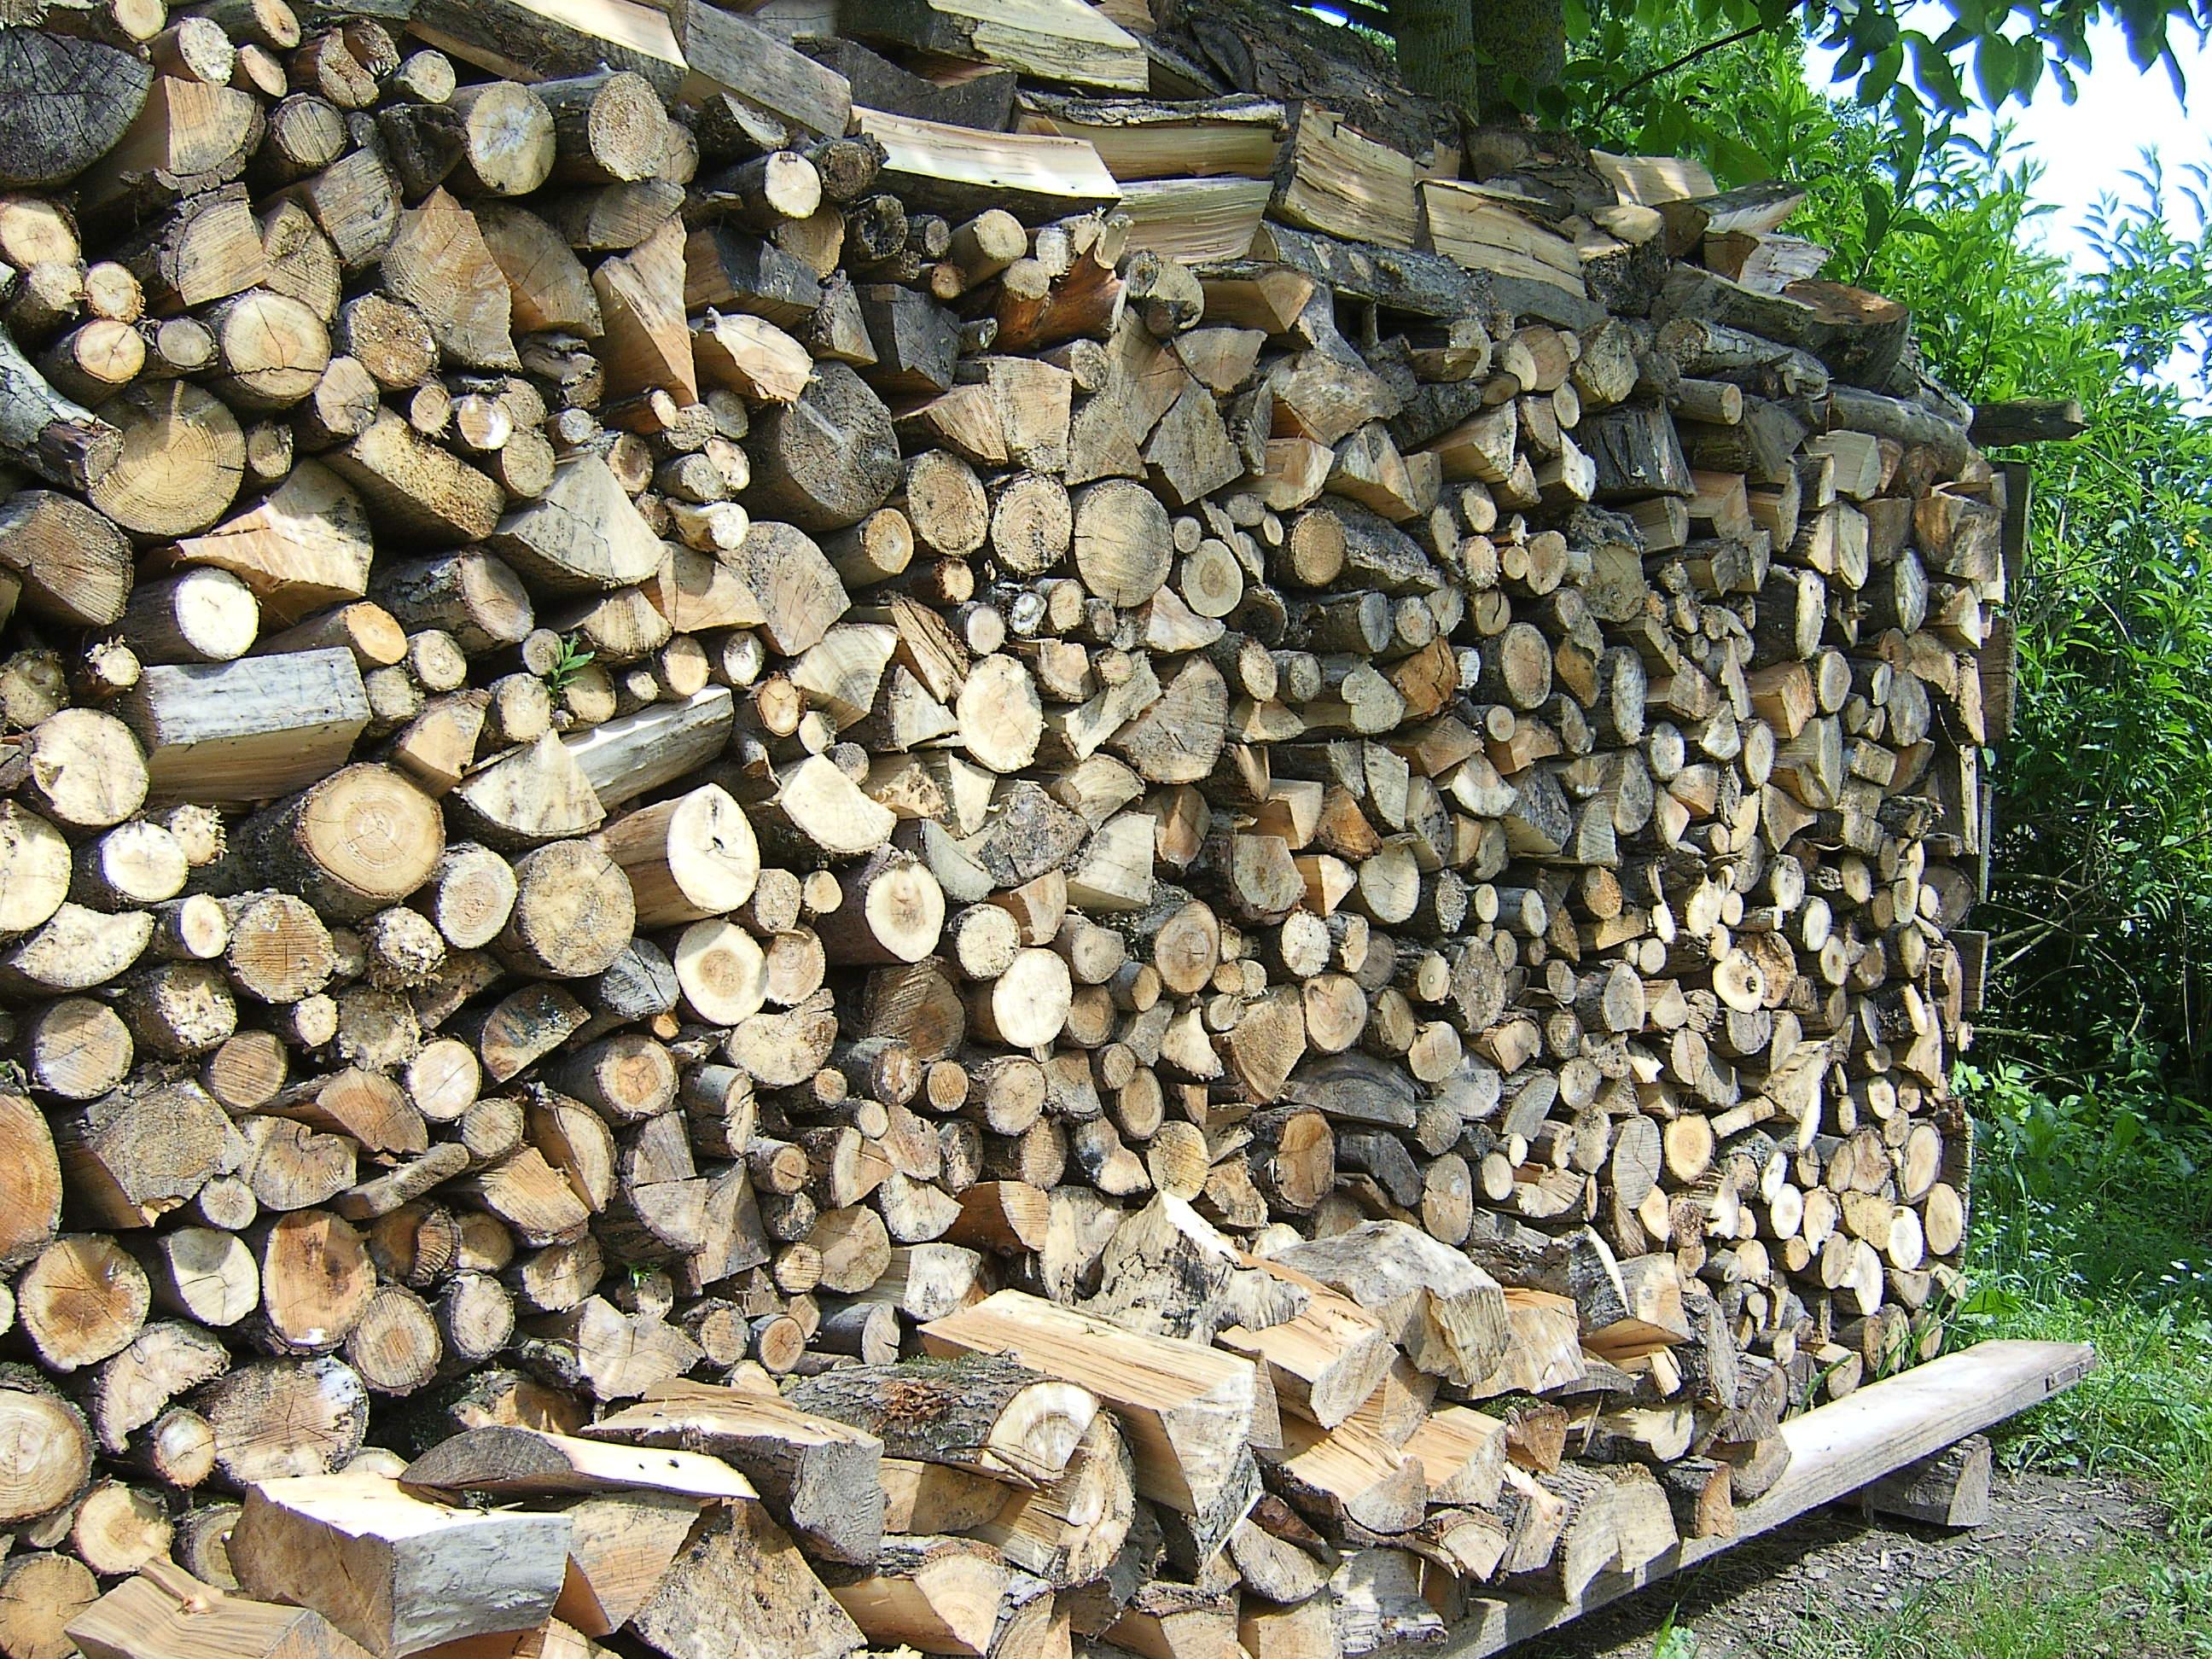 Abdeckplanen F R Den Schutz Von Brennholzstapeln